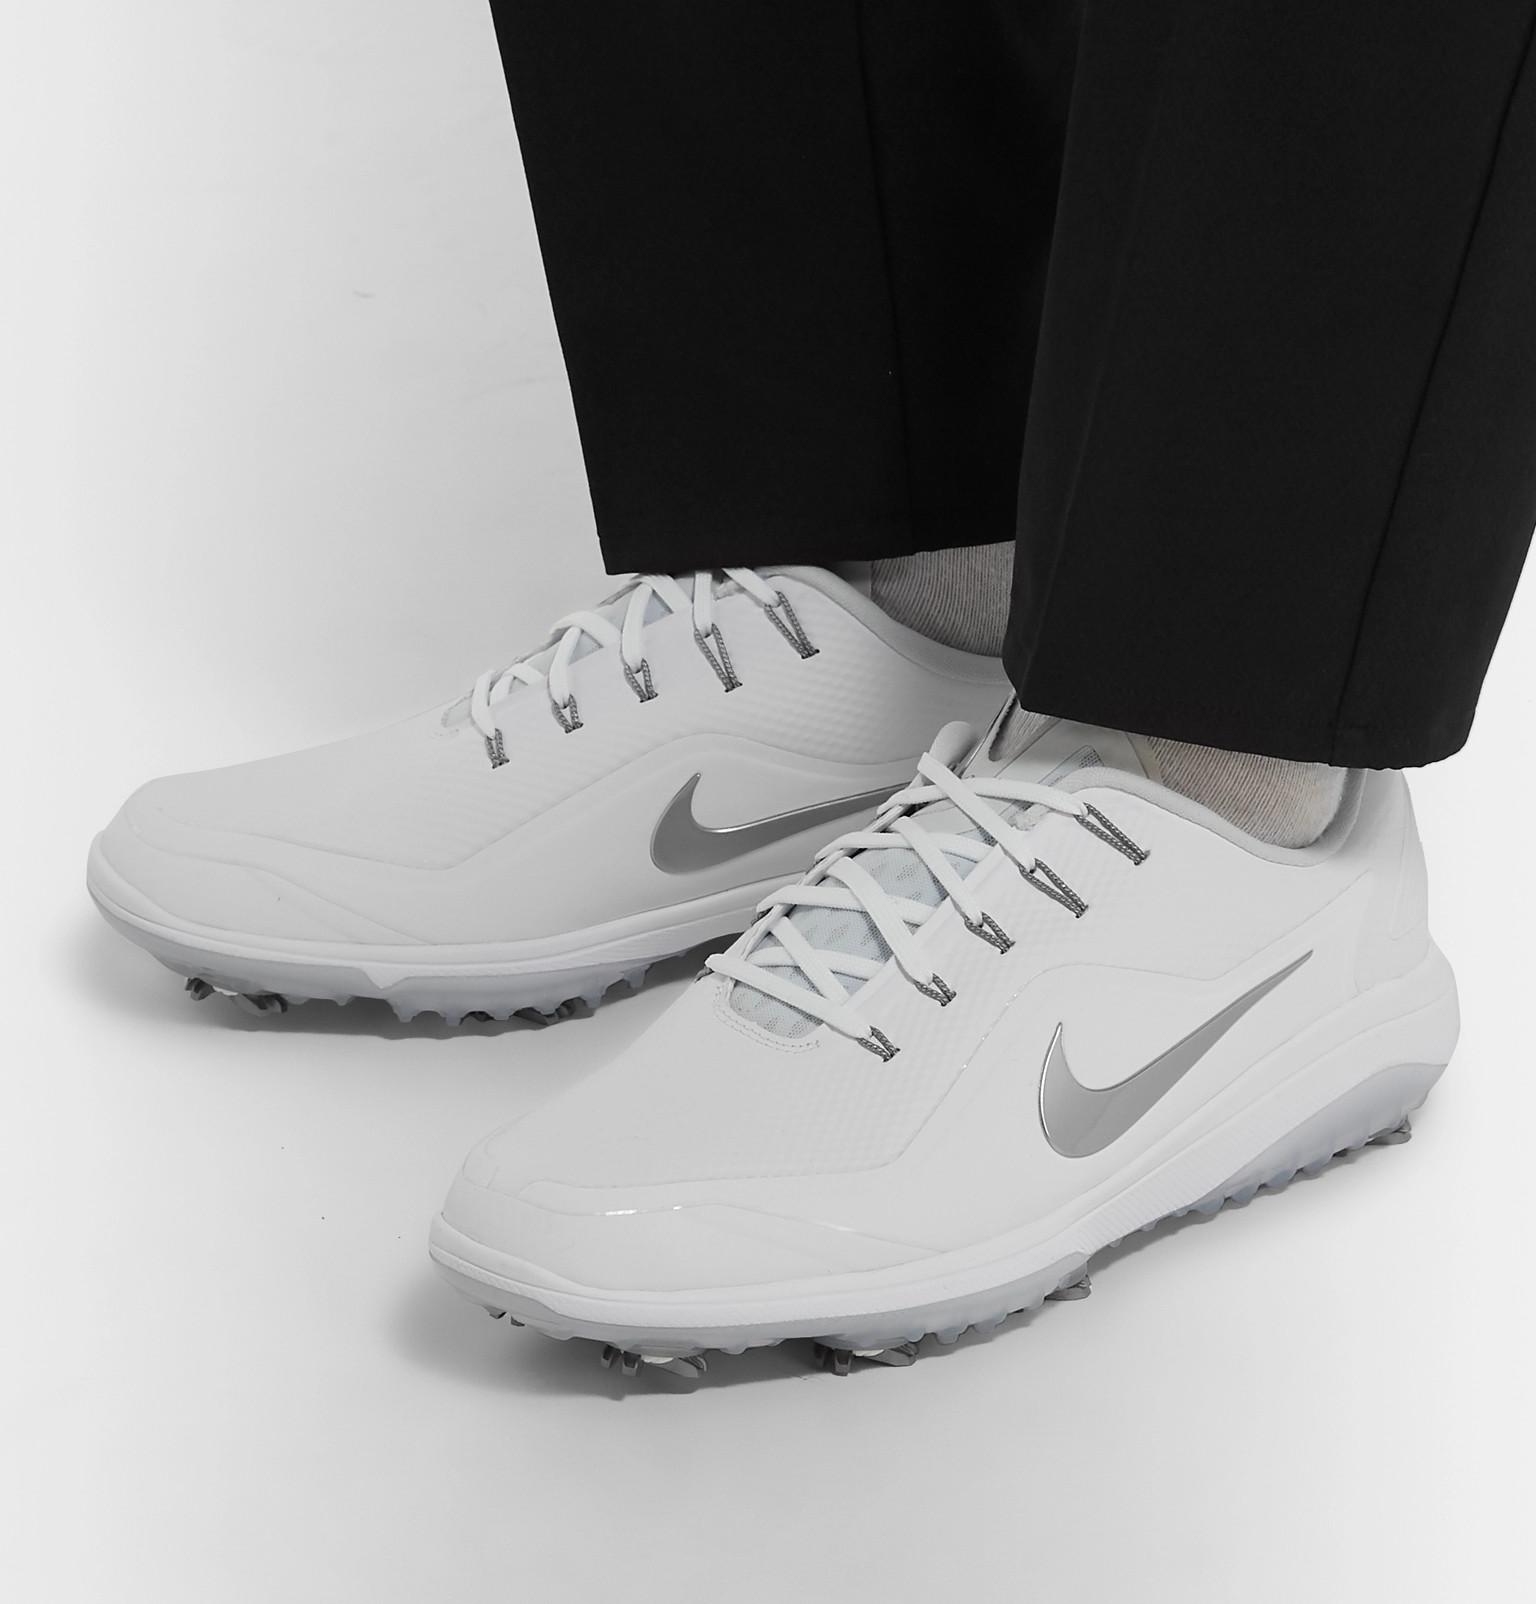 online retailer 6f4b0 fd02d Nike GolfReact Vapor 2 Coated-Mesh Golf Shoes